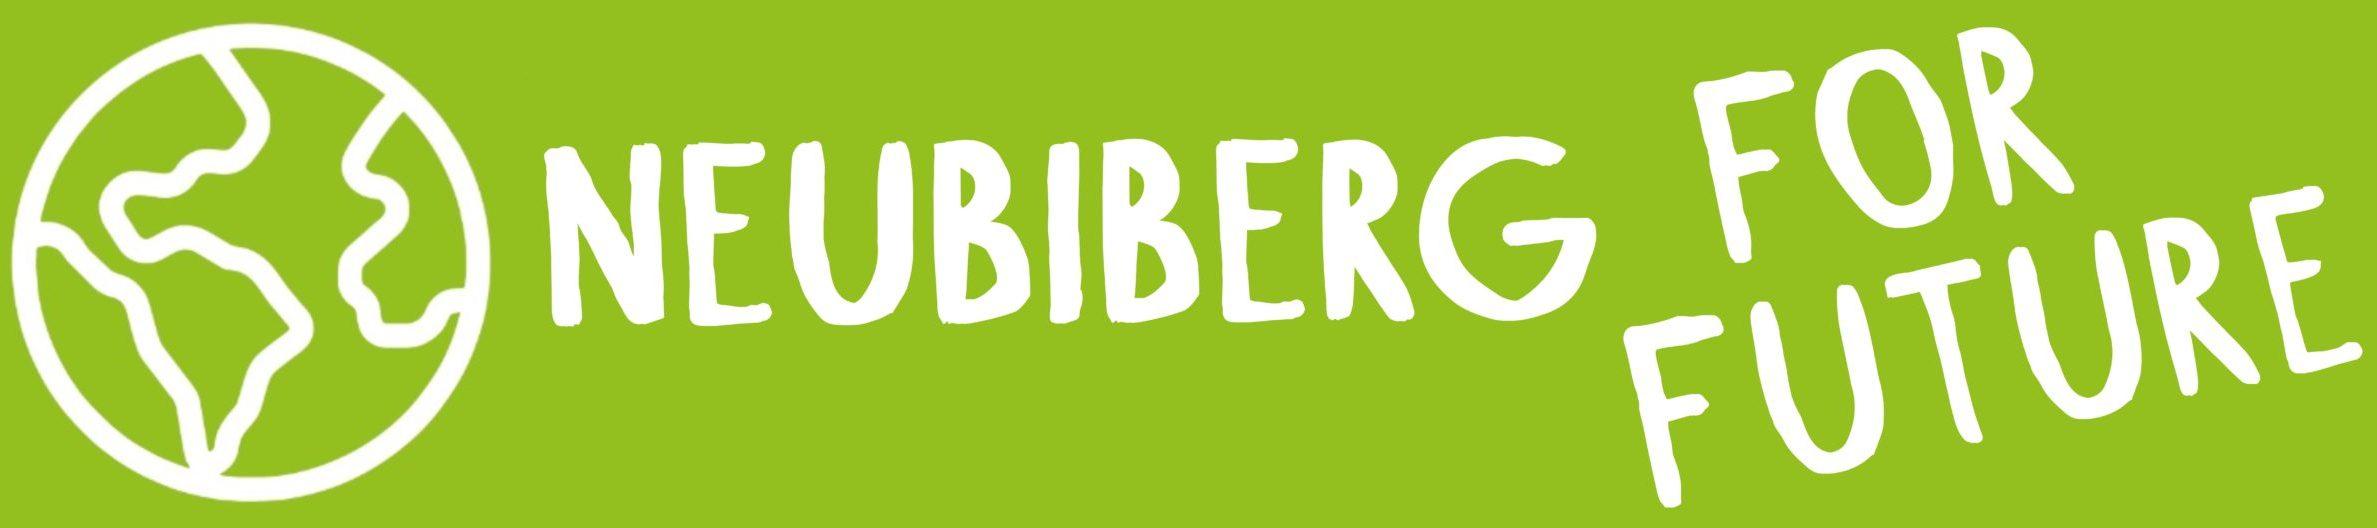 Neubiberg for Future Logo im Längsformat auf grünem Hintergrund